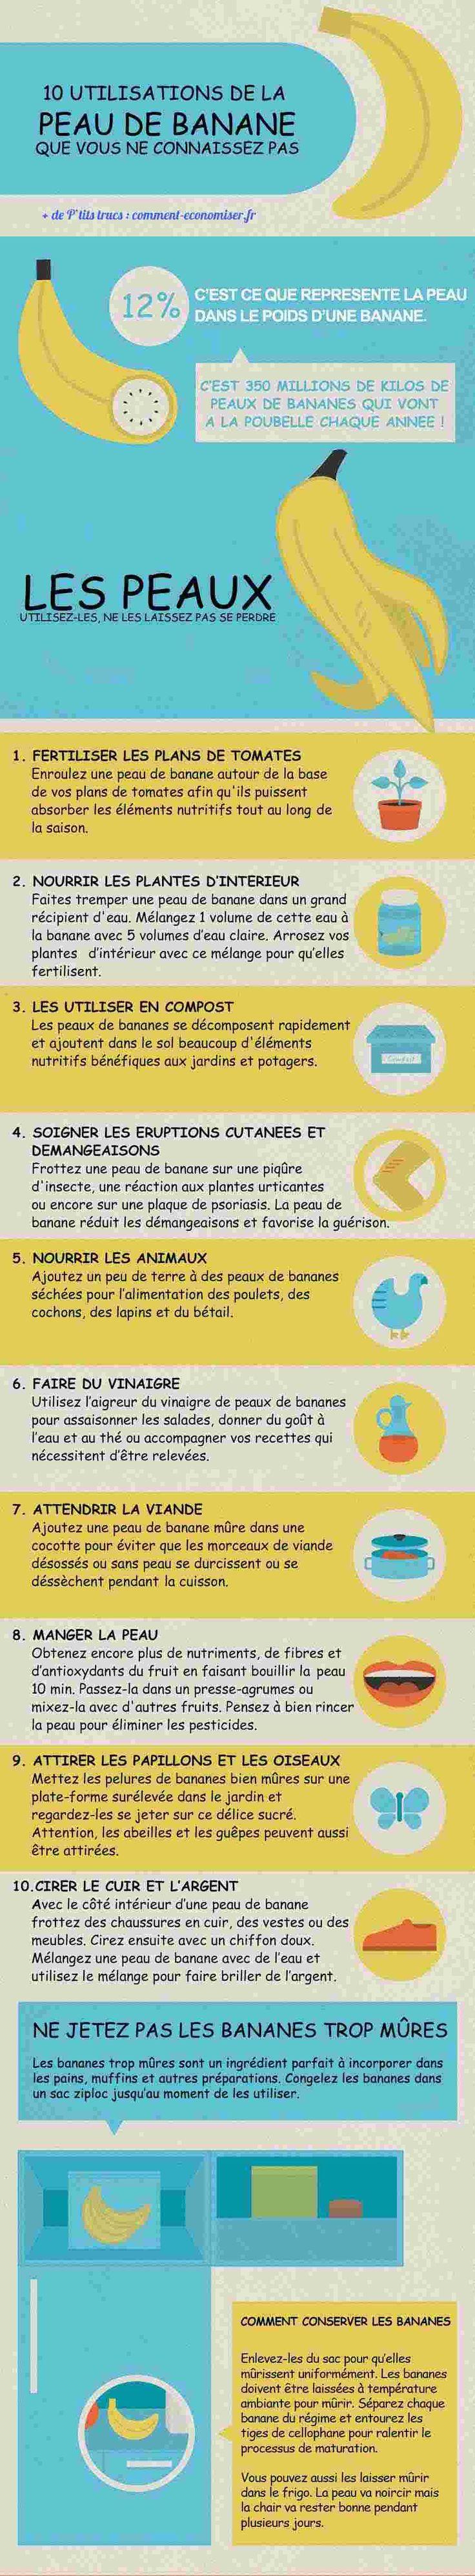 Vous pensez que les peaux de bananes ne servent qu'à faire glisser les gens dans la rue ? Détrompez-vous !  Découvrez l'astuce ici : http://www.comment-economiser.fr/10-utilisations-peau-banane.html?utm_content=buffer54816&utm_medium=social&utm_source=pinterest.com&utm_campaign=buffer